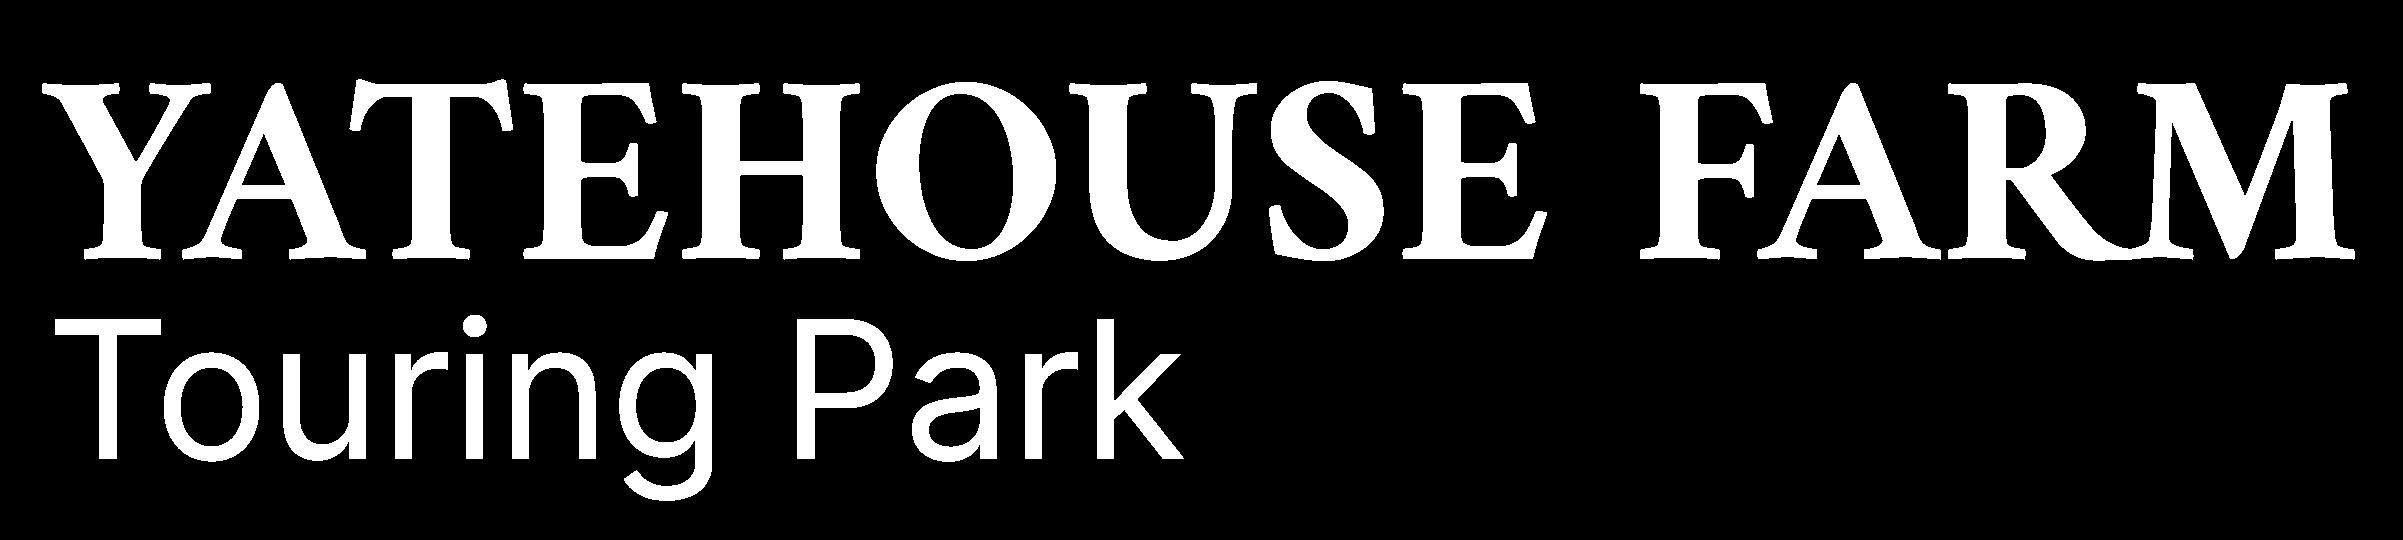 Yatehouse Farm